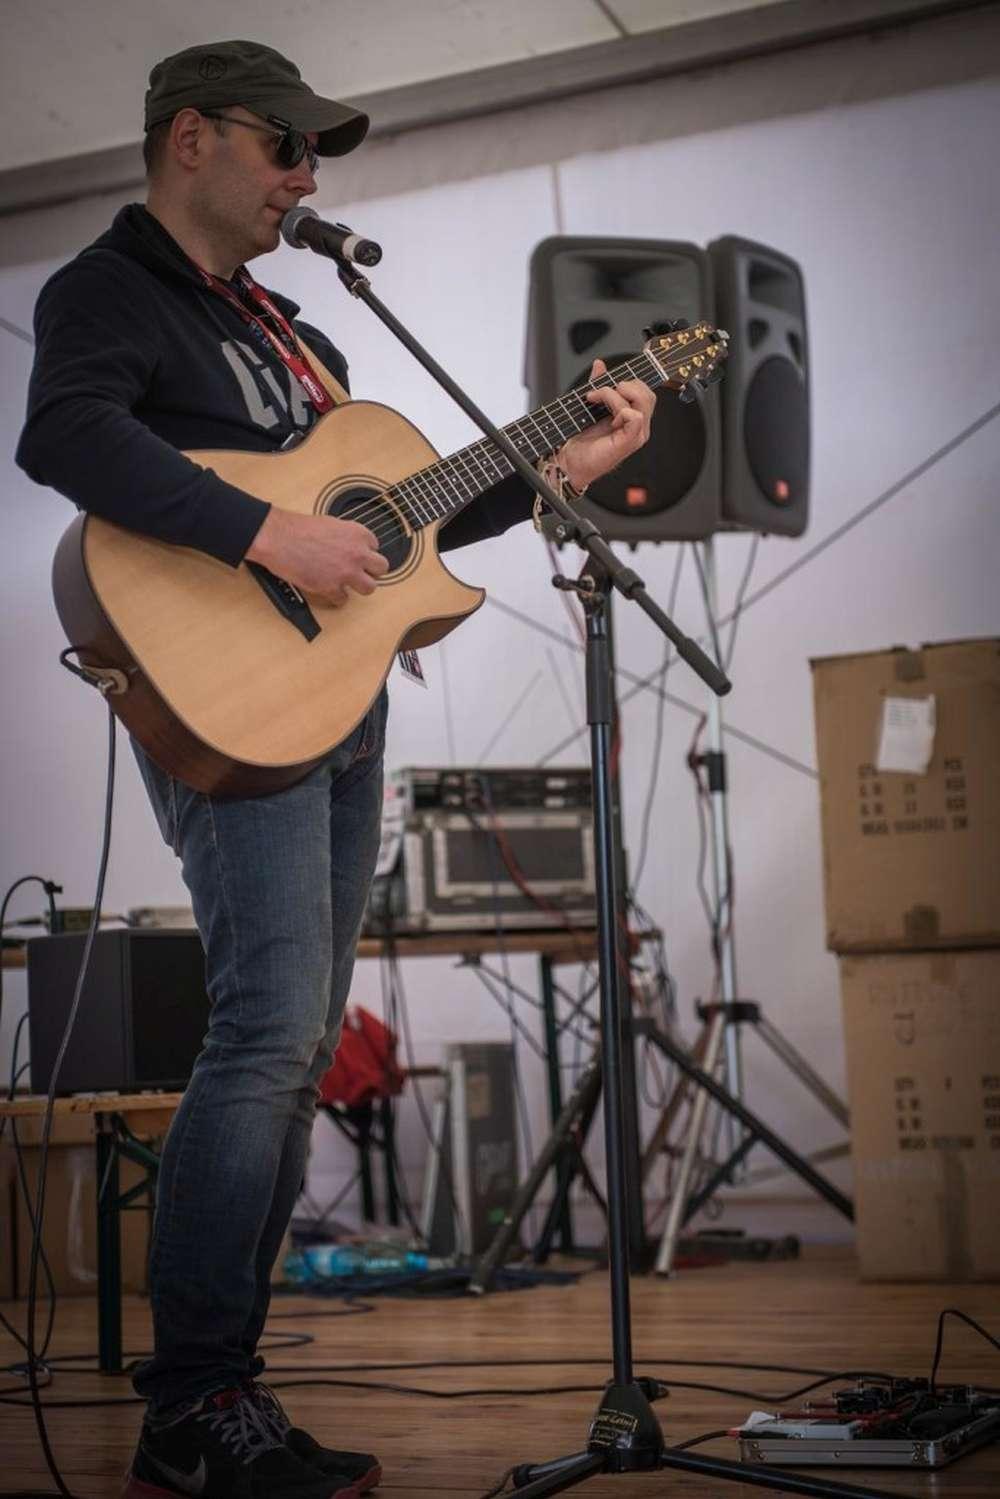 chwyty na gitarę woodstock